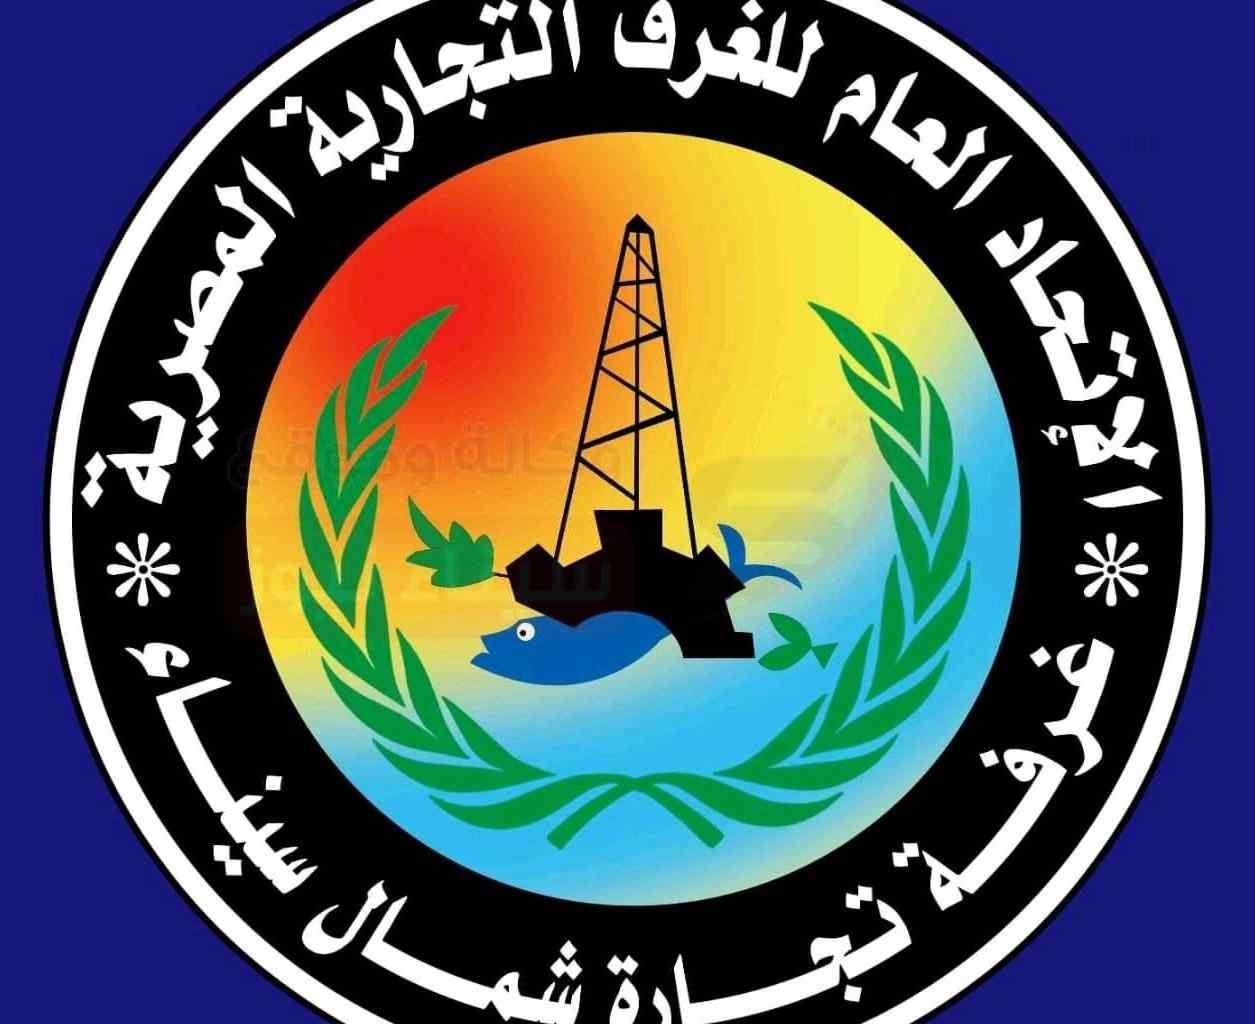 الغرفة التجارية بشمال سيناء تطلق دورة تدريبية للتجار لمنح شهادة الإستيراد والتصدير